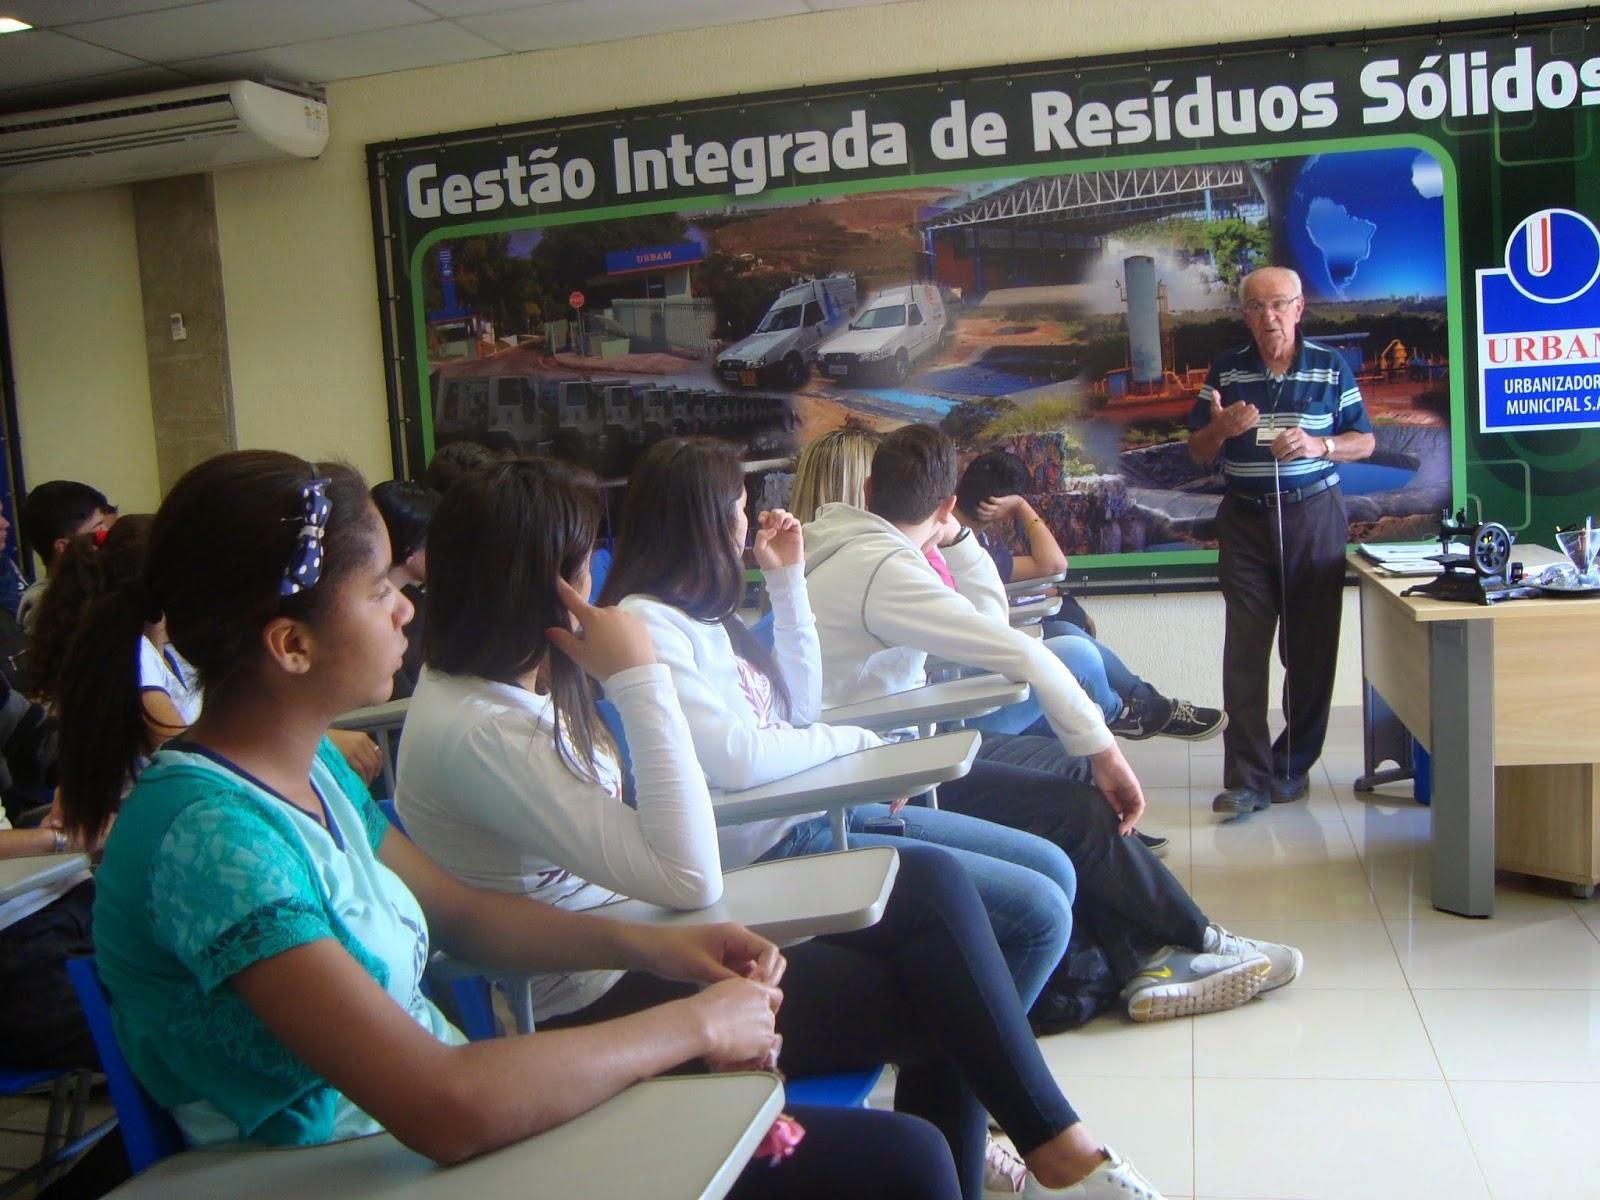 Destinação dos Resíduos Sólidos em São José dos Campos